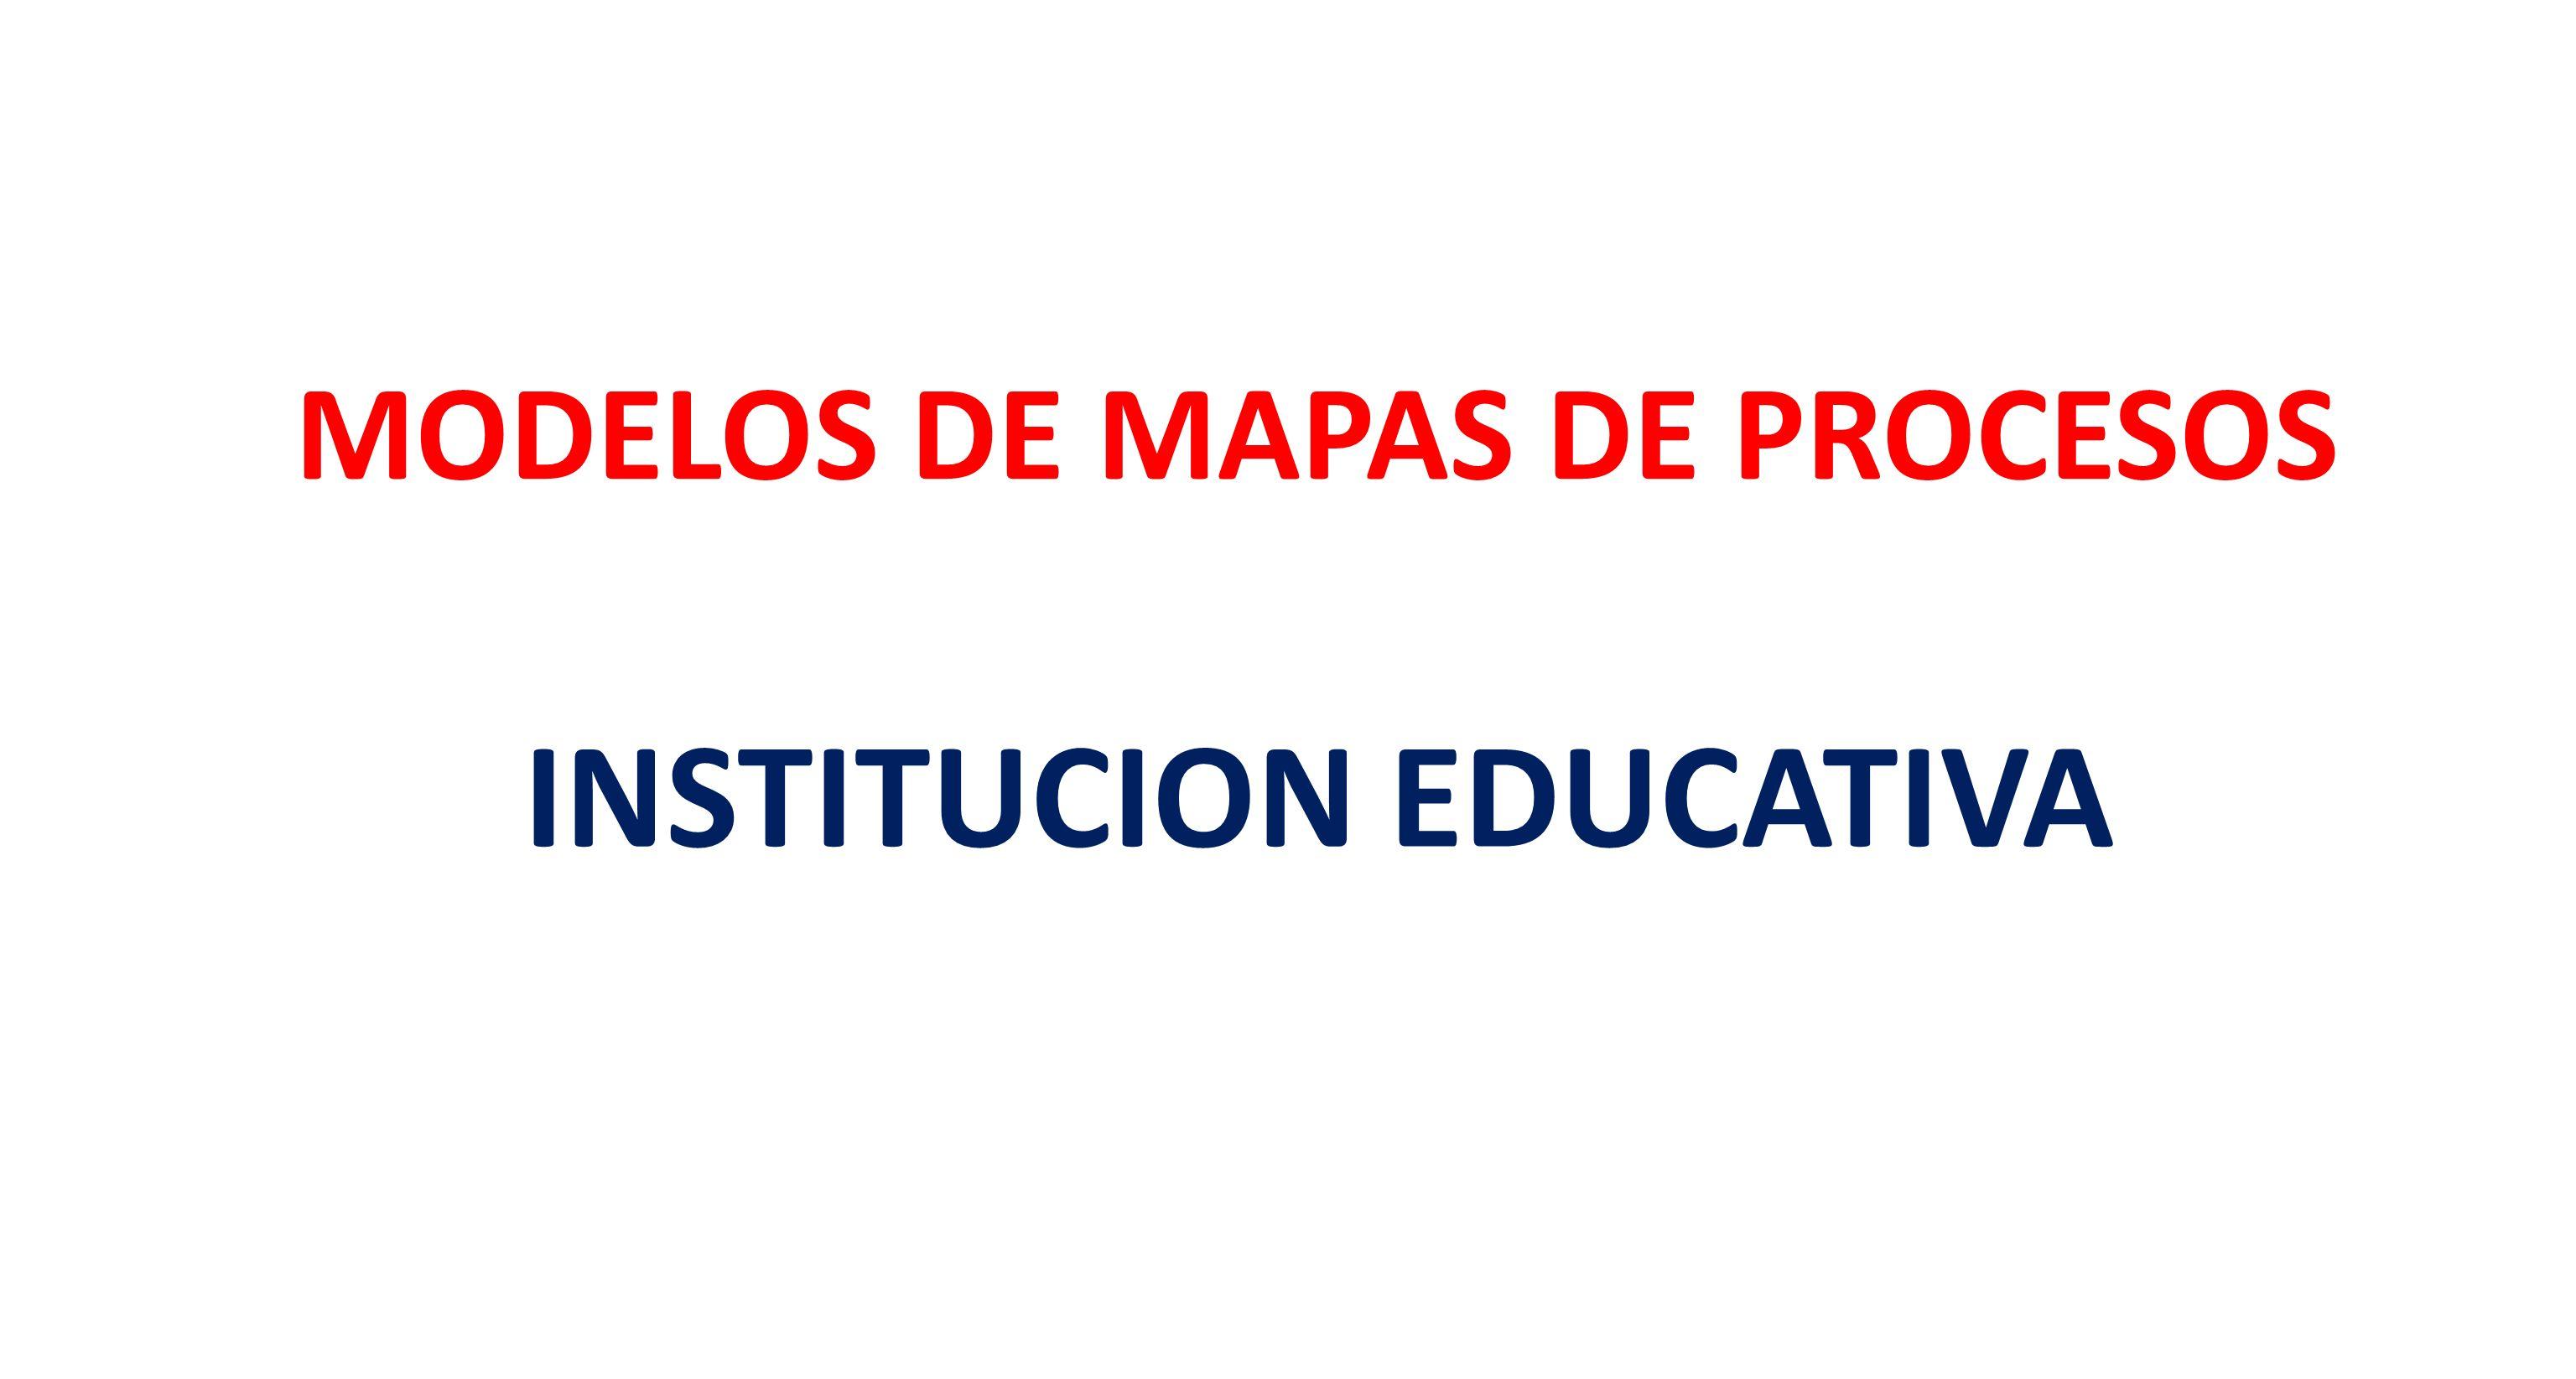 MACROPROCESO DE PARTICIPACIÓN SOCIAL PARTICIPACION CIUDADANA Y GESTION COMUNITARIA MACROPROCESO DE PARTICIPACIÓN SOCIAL Objetivo: Generar acciones que promuevan y permitan la participación social de los habitantes del municipio de Santiago de Cali para que estos ejerzan sus deberes y derechos e intervengan en las decisiones que afecten su bienestar.